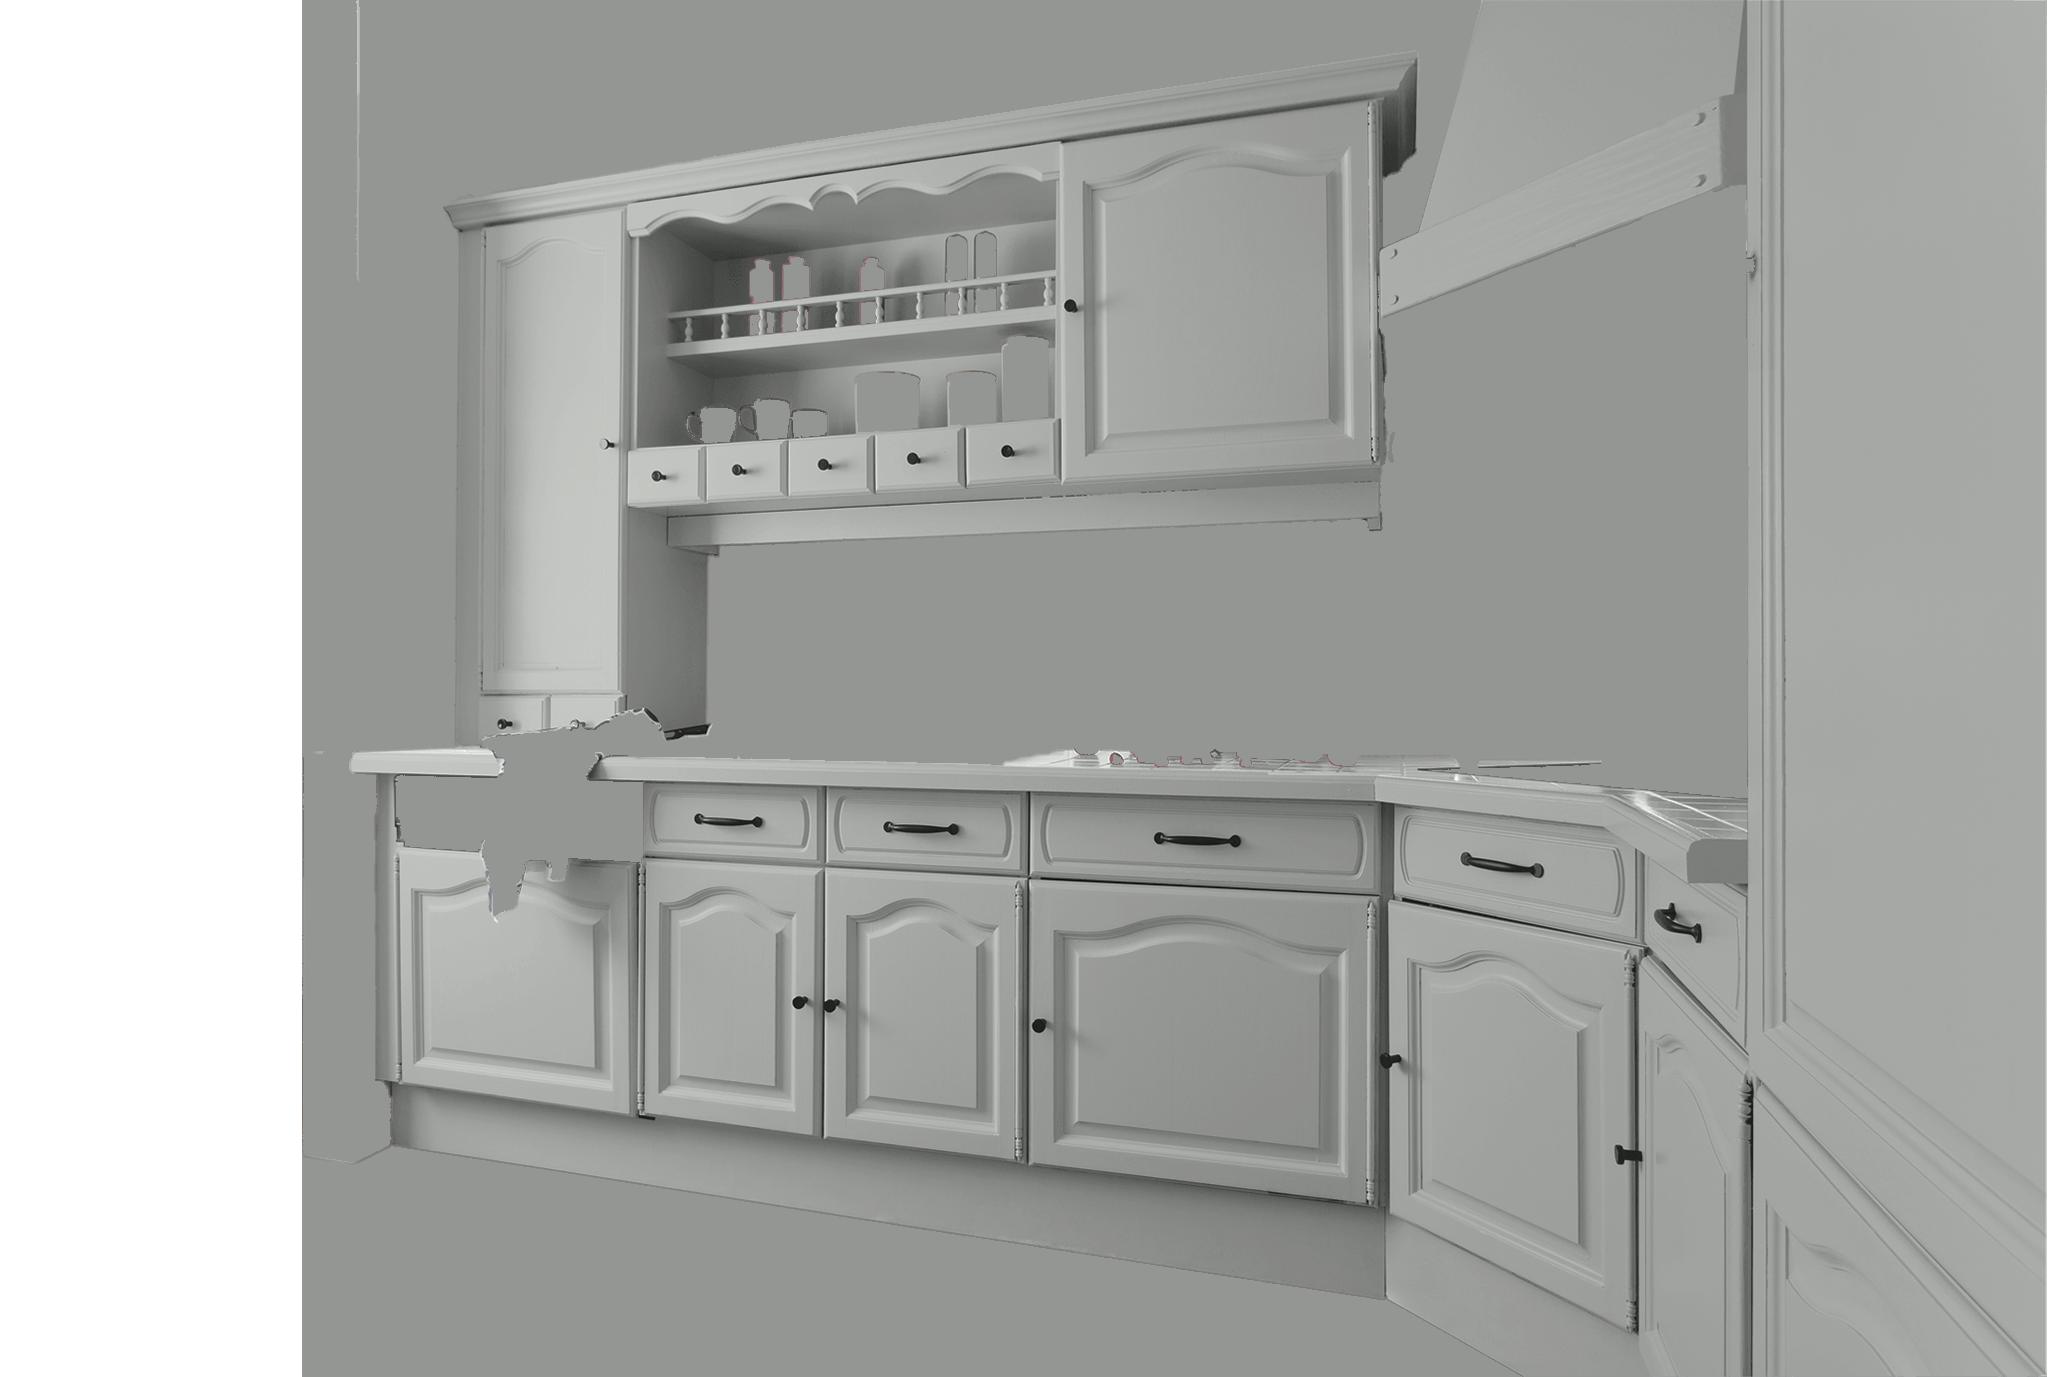 Wizualizer Kuchnia Renowacja Z V33